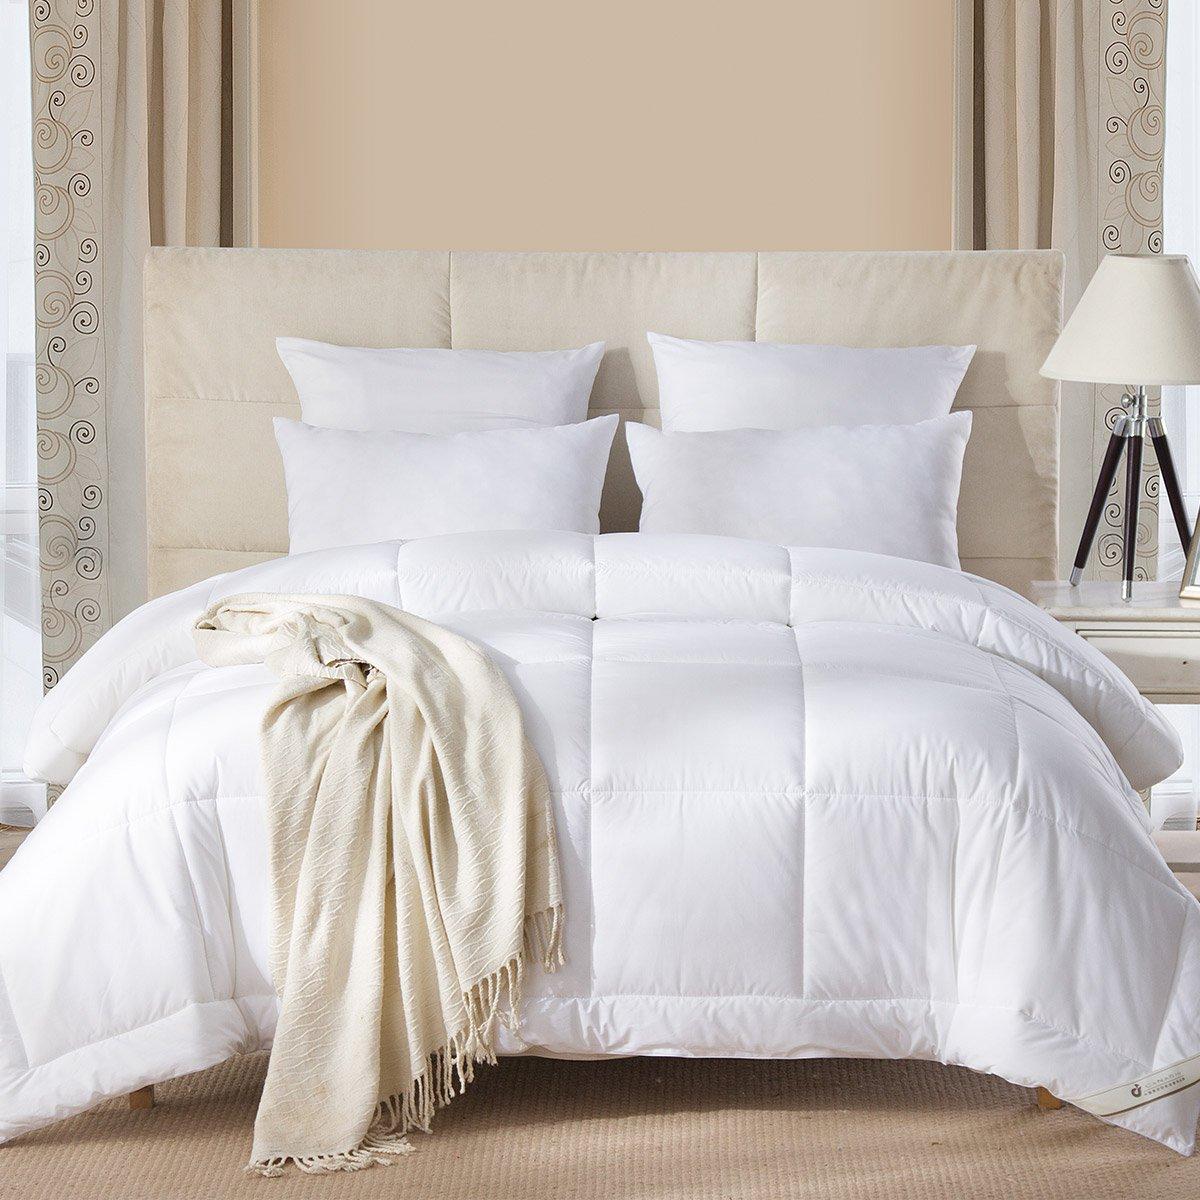 康尔馨五星级酒店全棉绣花整张填充秋冬纤维被芯 柔软贴身被子6925601502880